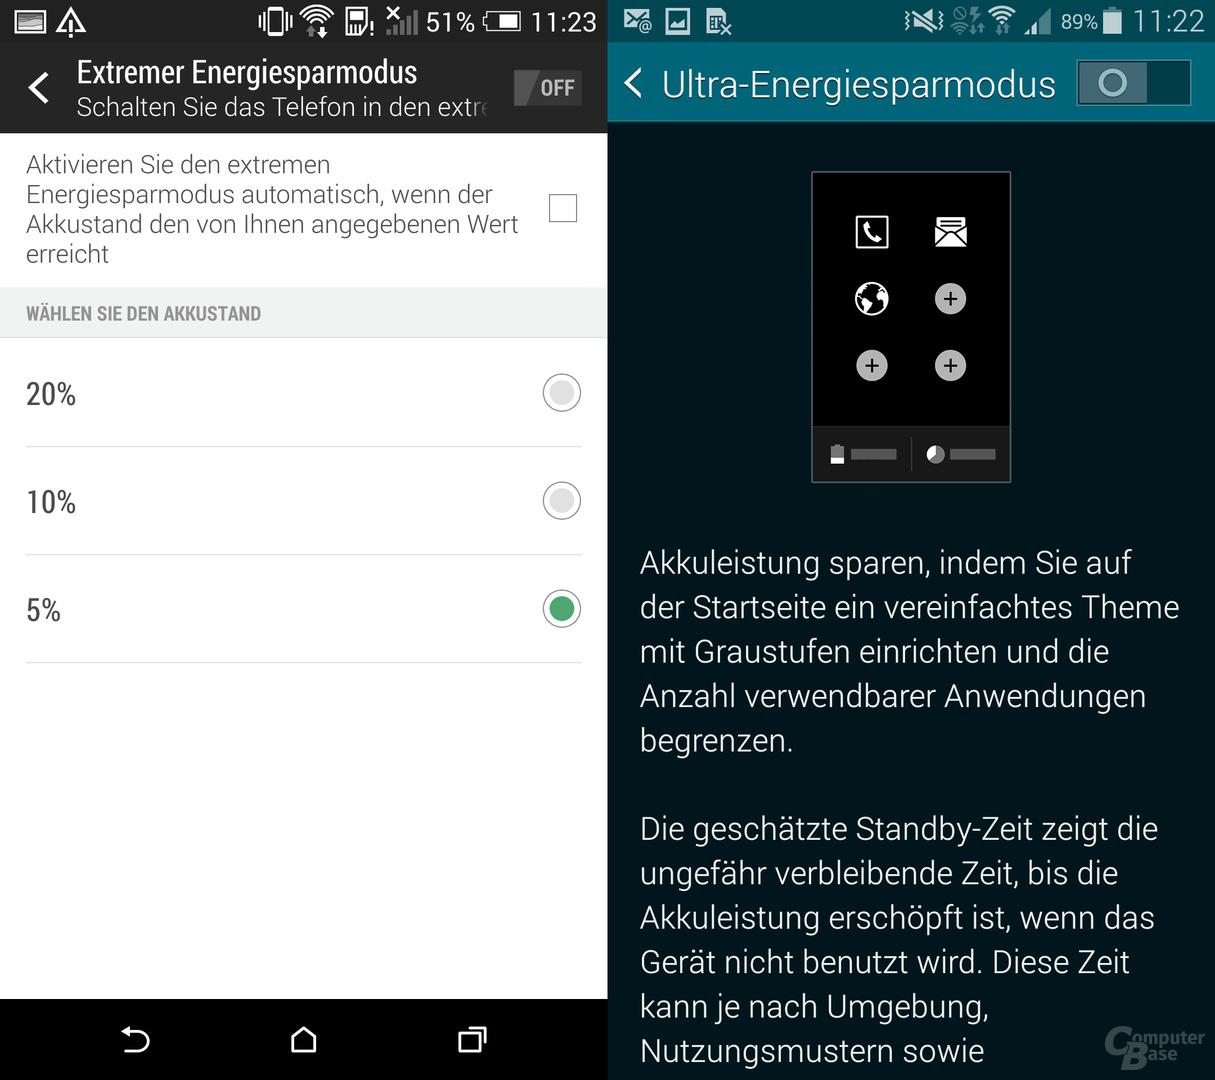 HTC One (M8) & Samsung Galaxy S5: Extremer und Ultra-Engergiesparmodus